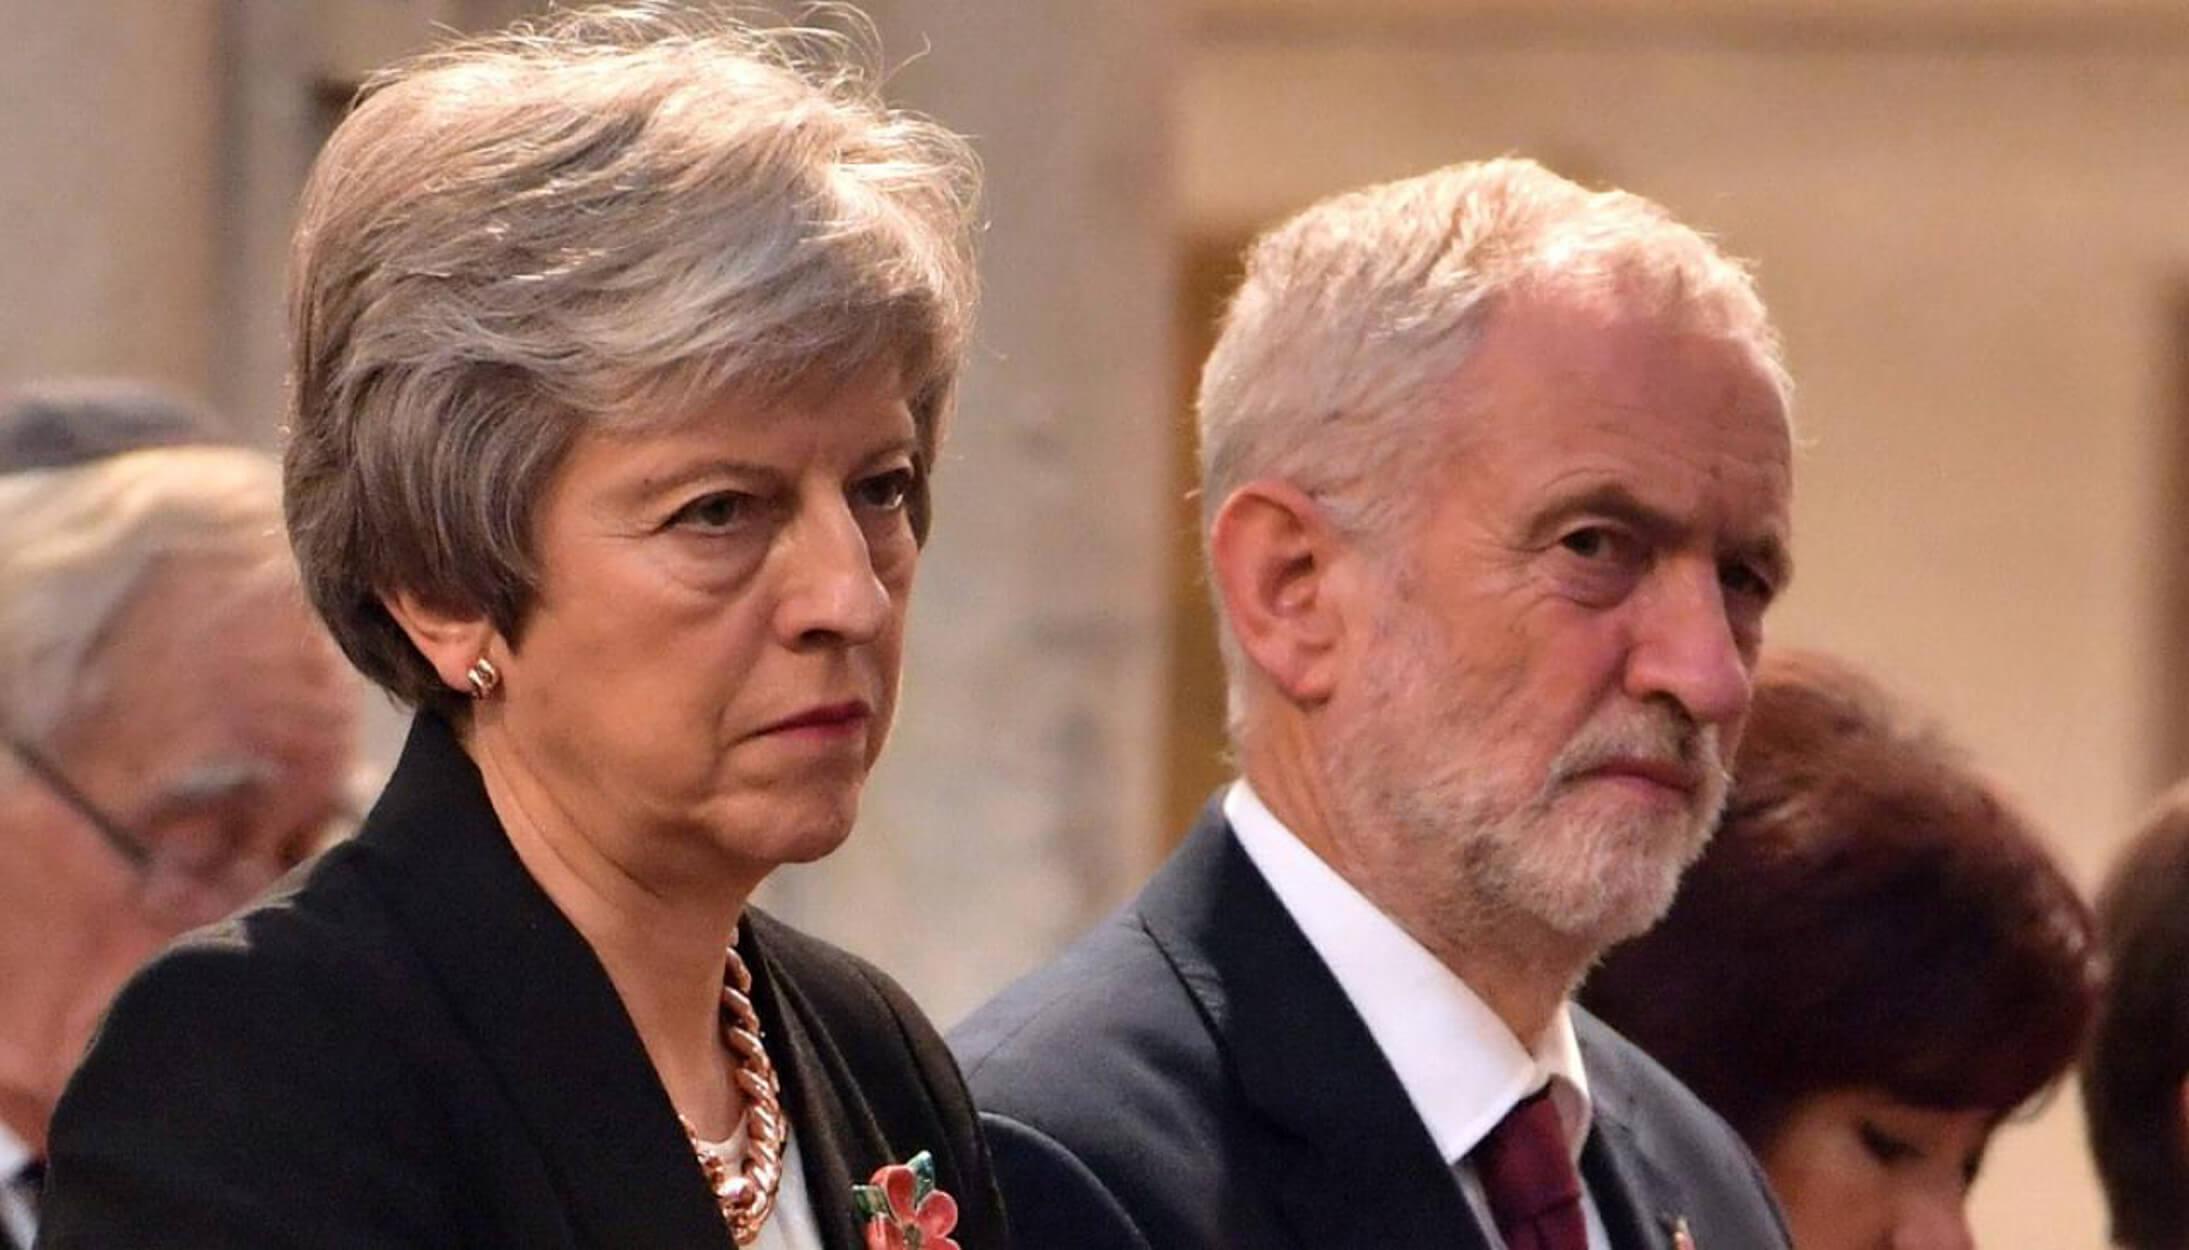 Ευρωεκλογές 2019: Μεγάλο προβάδισμα του Κόρμπιν έναντι της Μέι